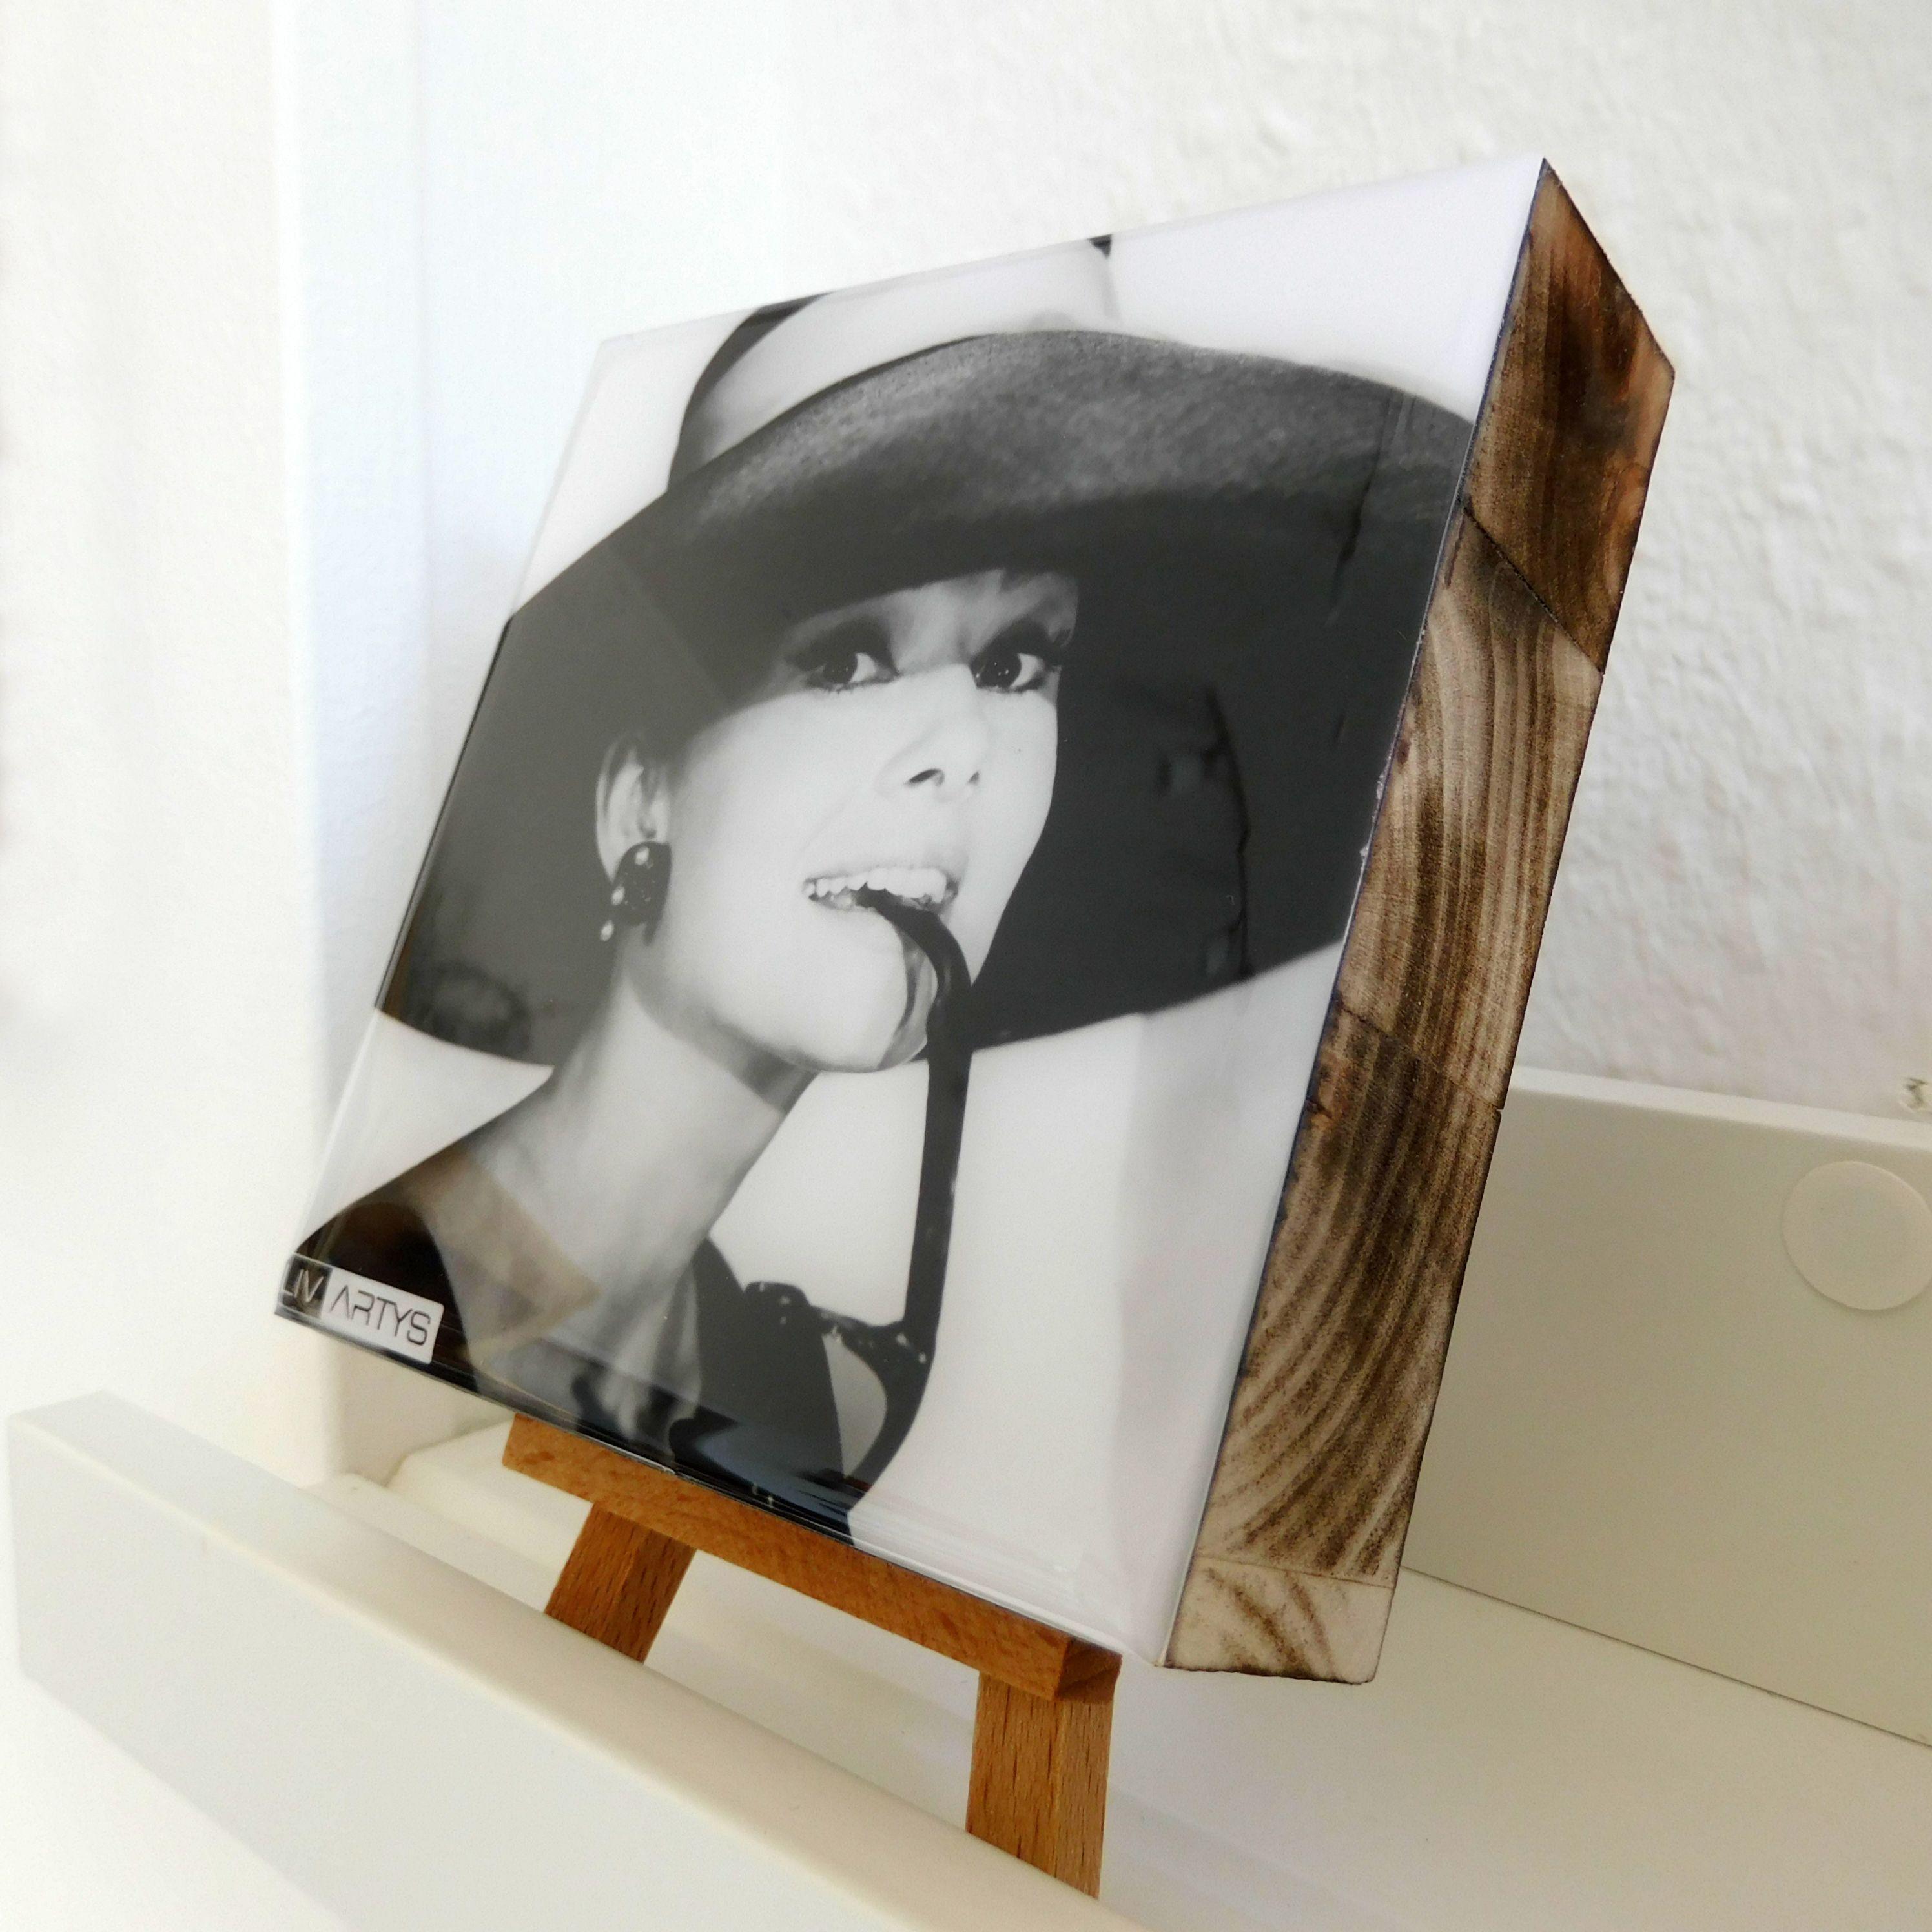 #AudreyHepburn, Echter Foto-Abzug auf Fujicolor Crystal Archive Papier Digital Type DP II Massivholzplatte Hoch brillanter, #kristallklarer #Spezialharz